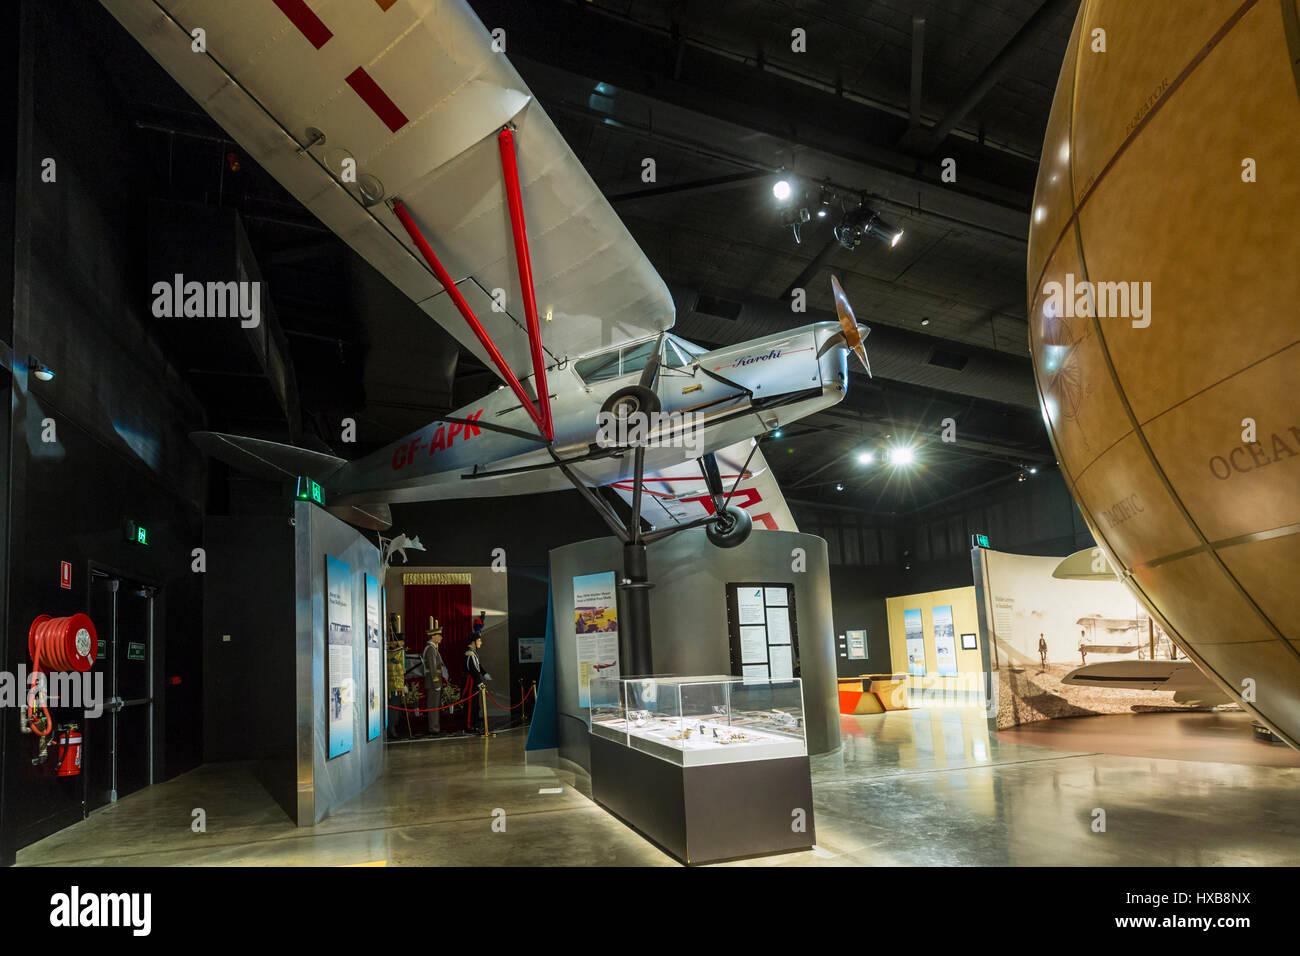 Y compris l'aéronef réplique Puss Moth et des expositions interactives à l'intérieur Photo Stock